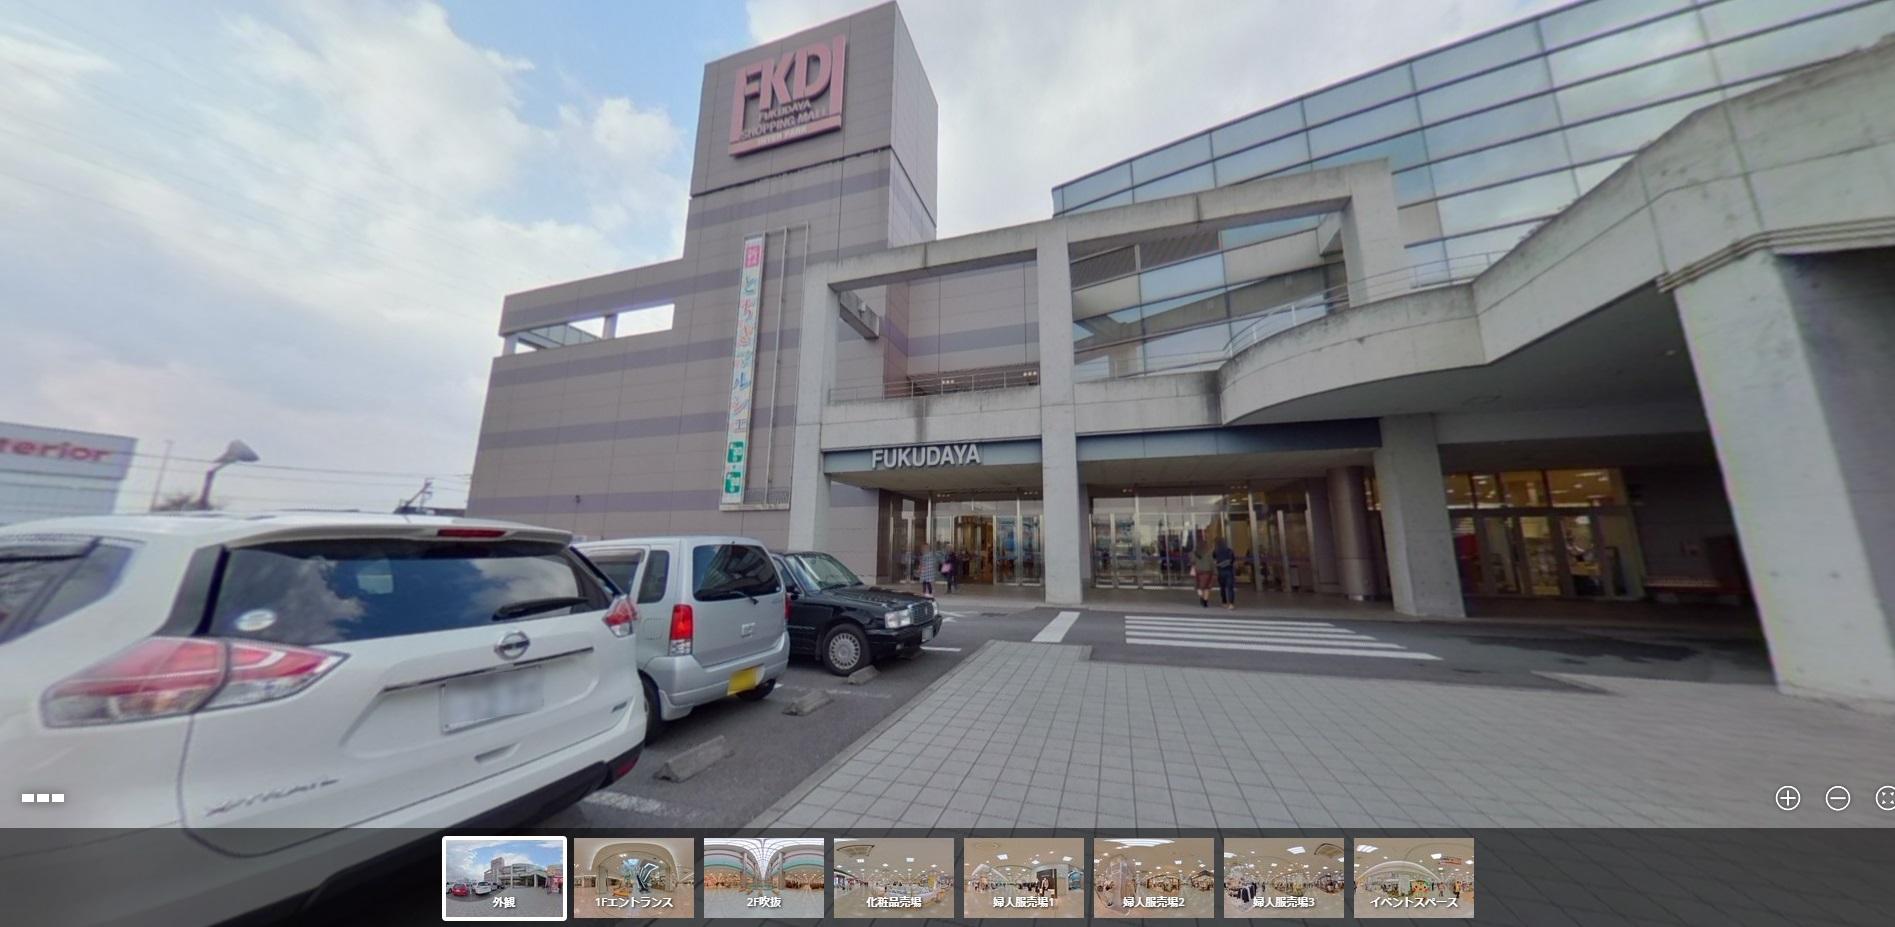 福田屋インターパーク店